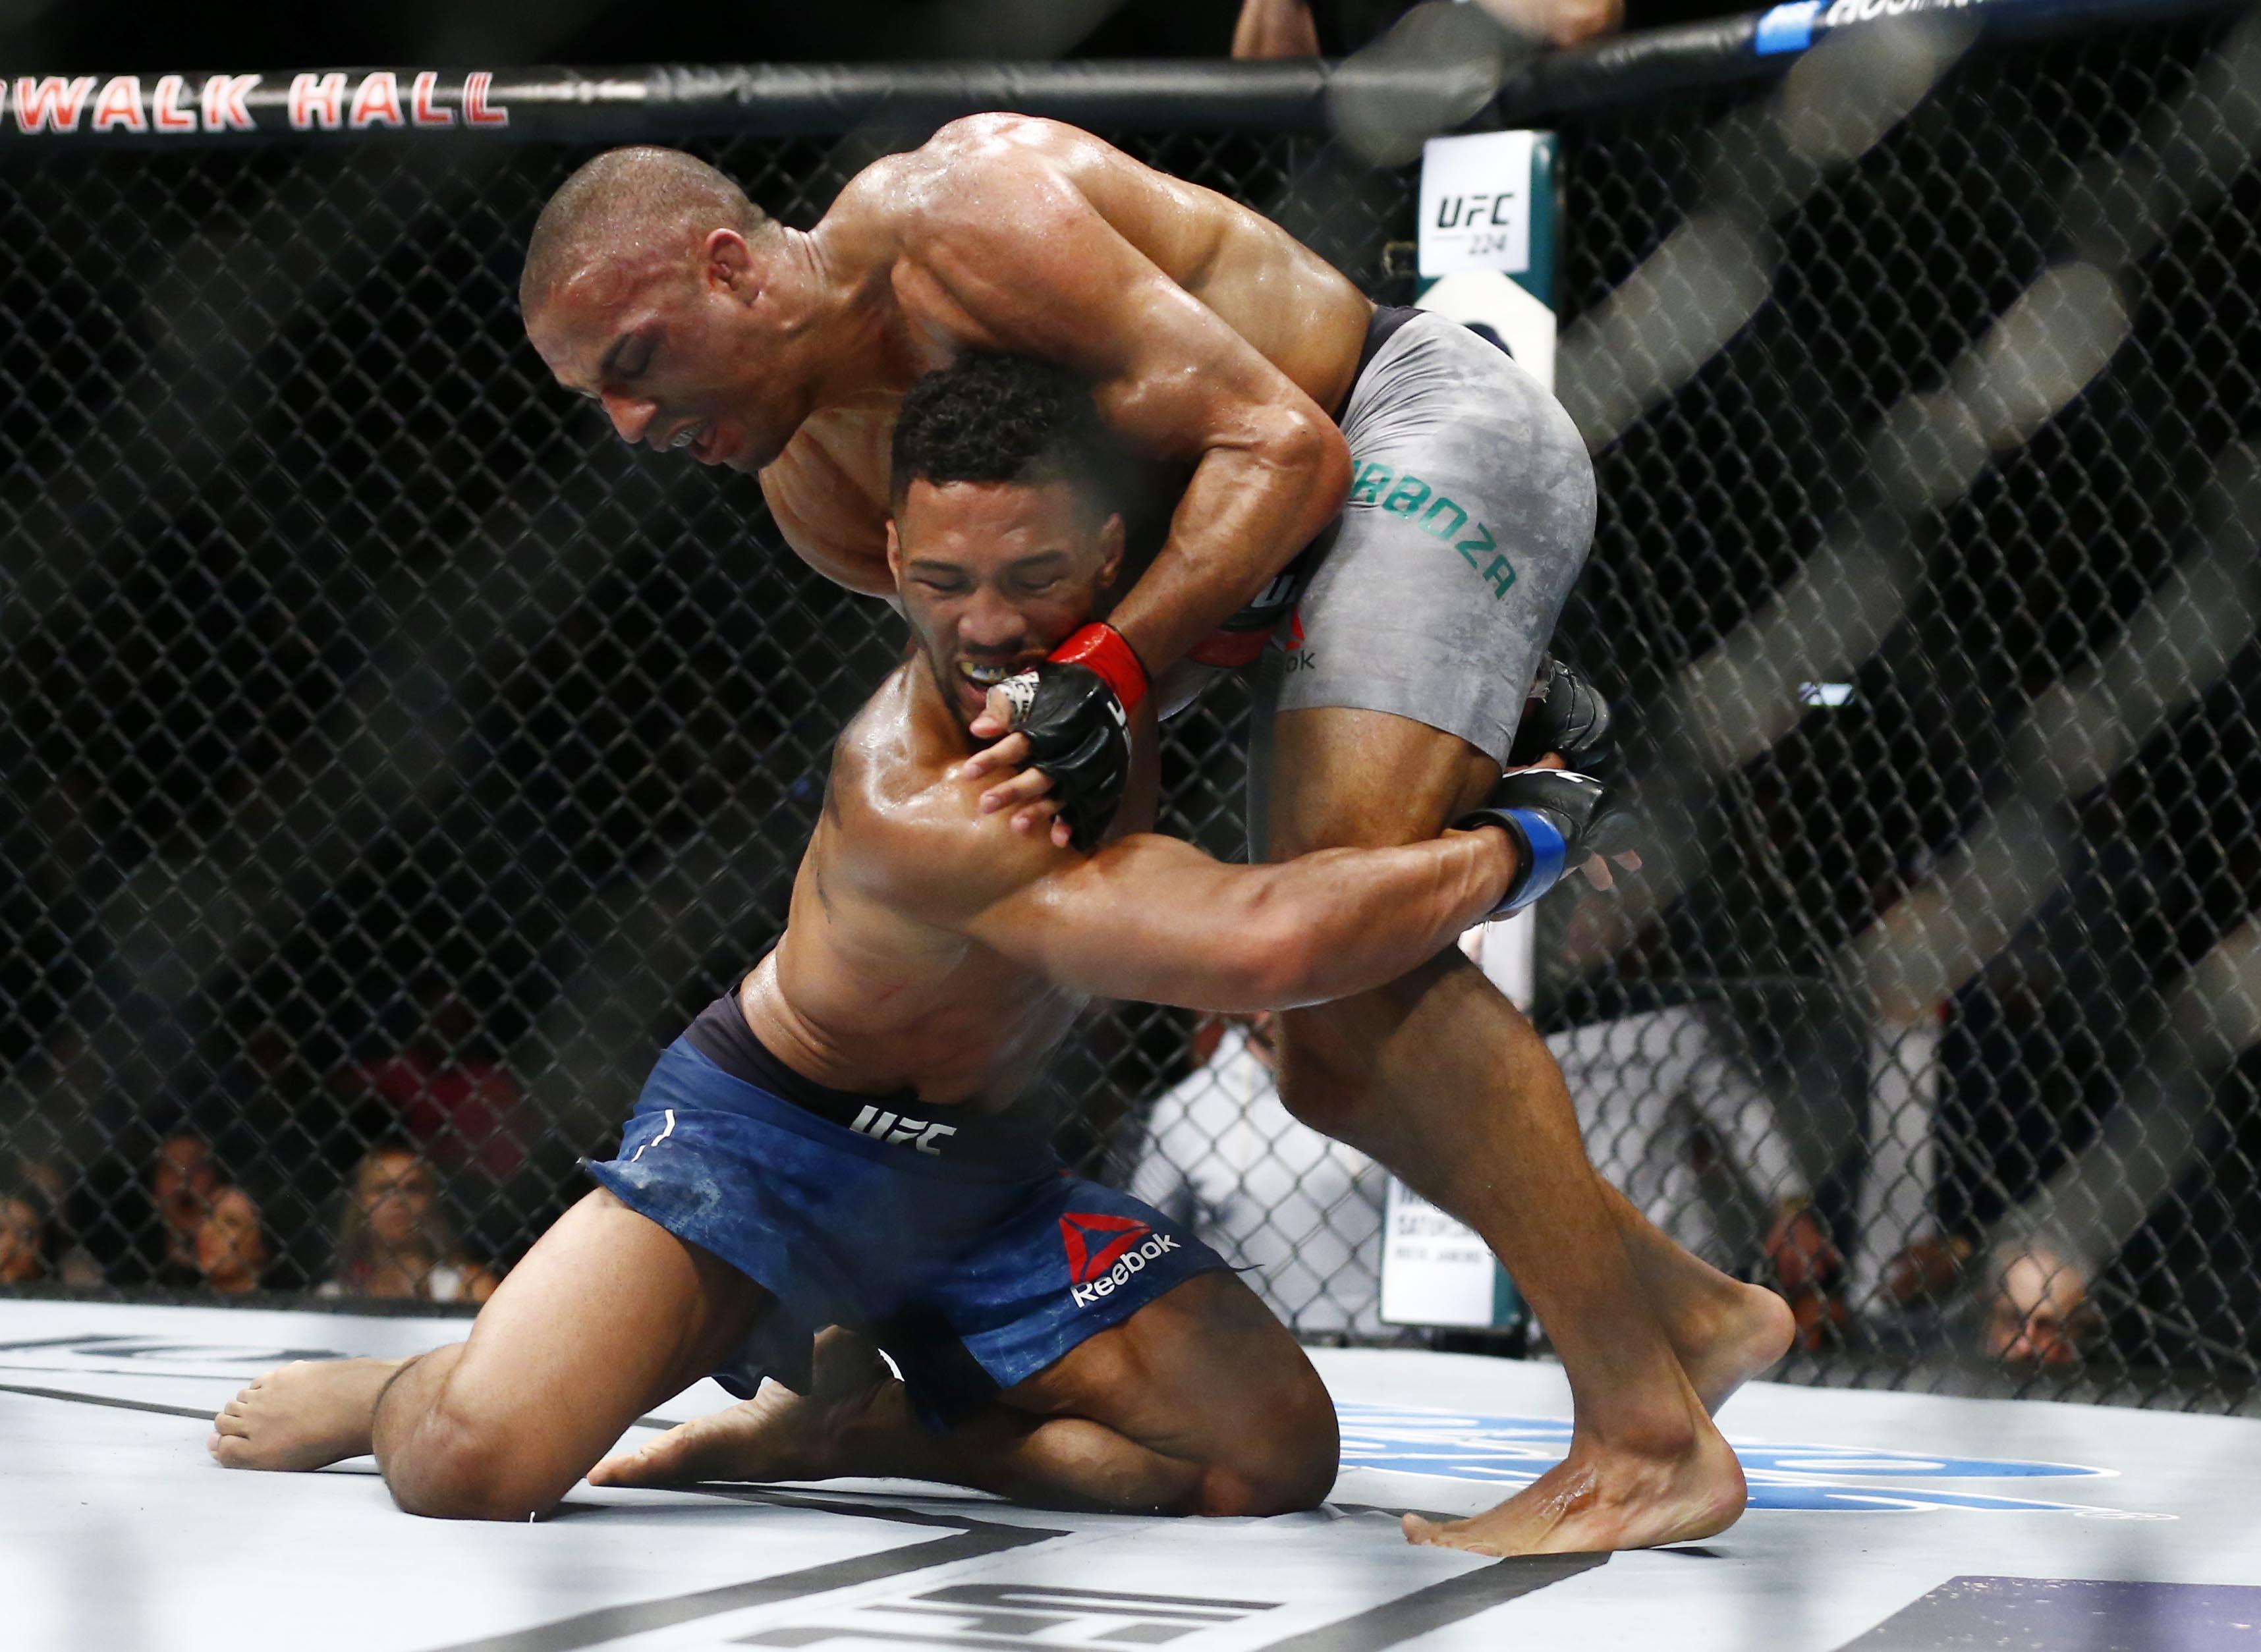 MMA: UFC Fight Night-Barboza vs Lee